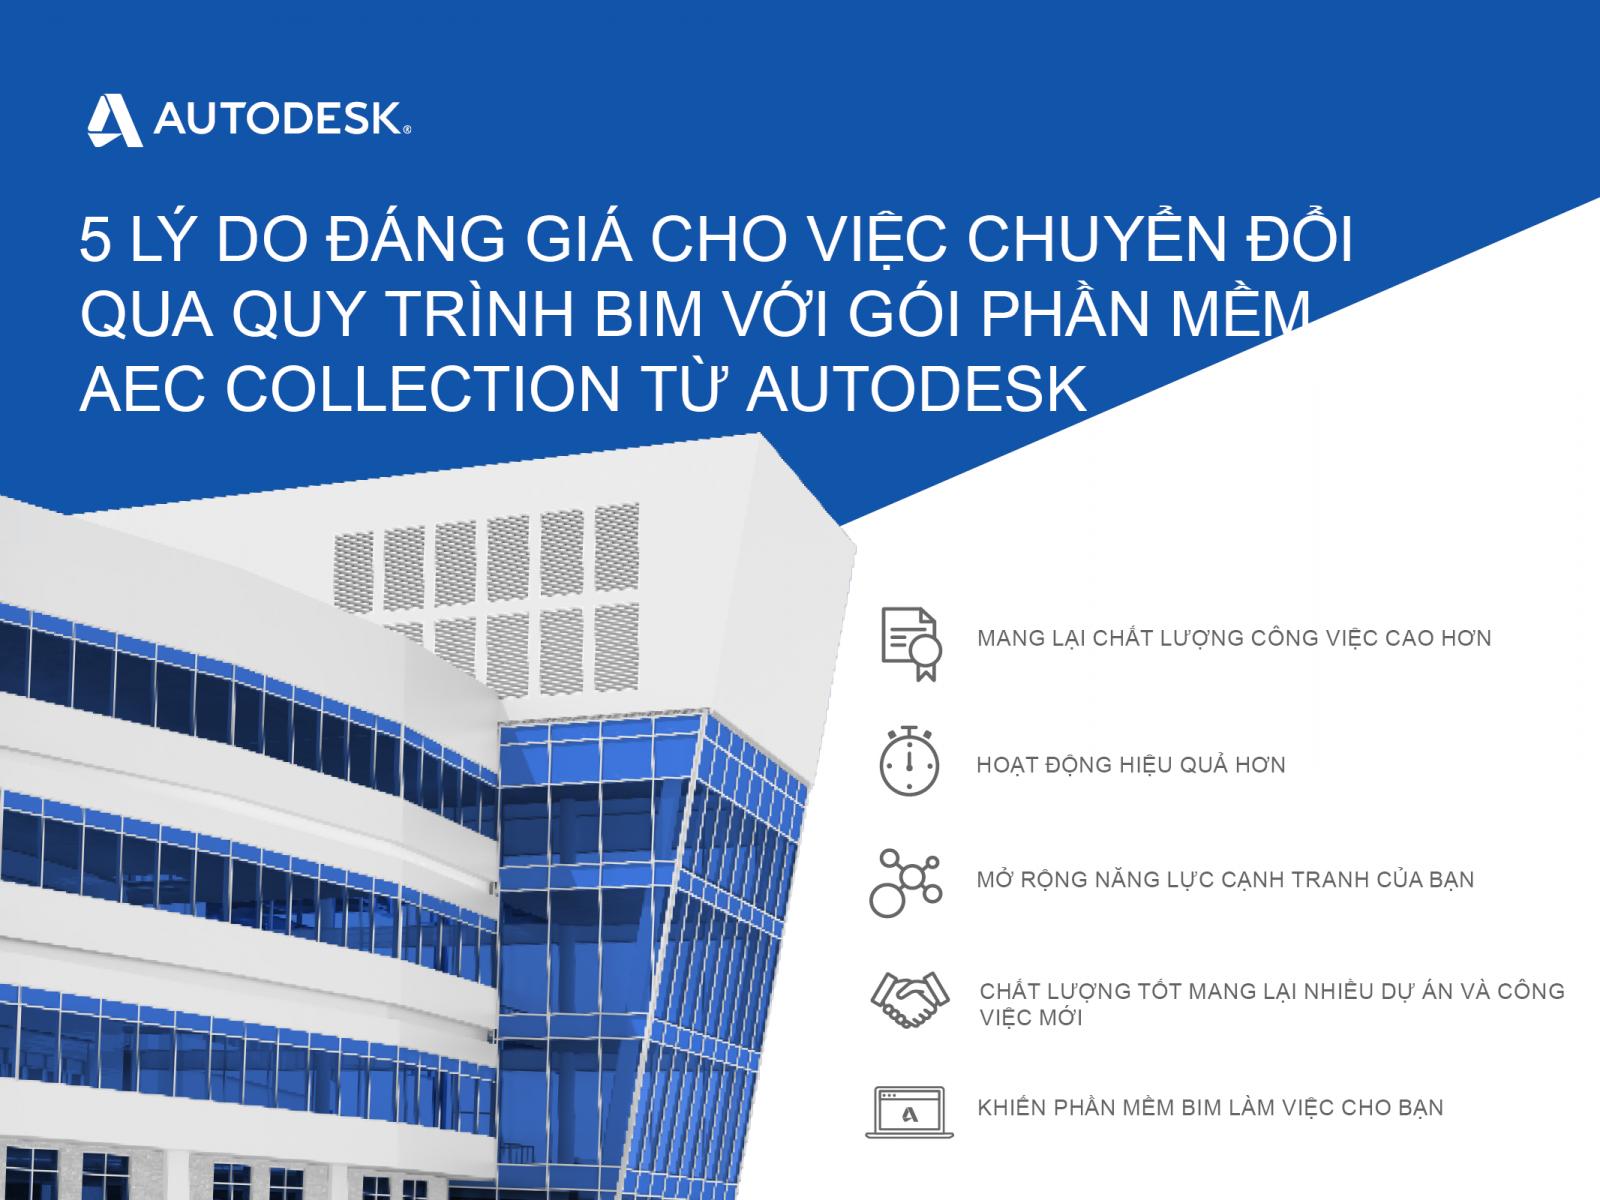 Autodesk BIM